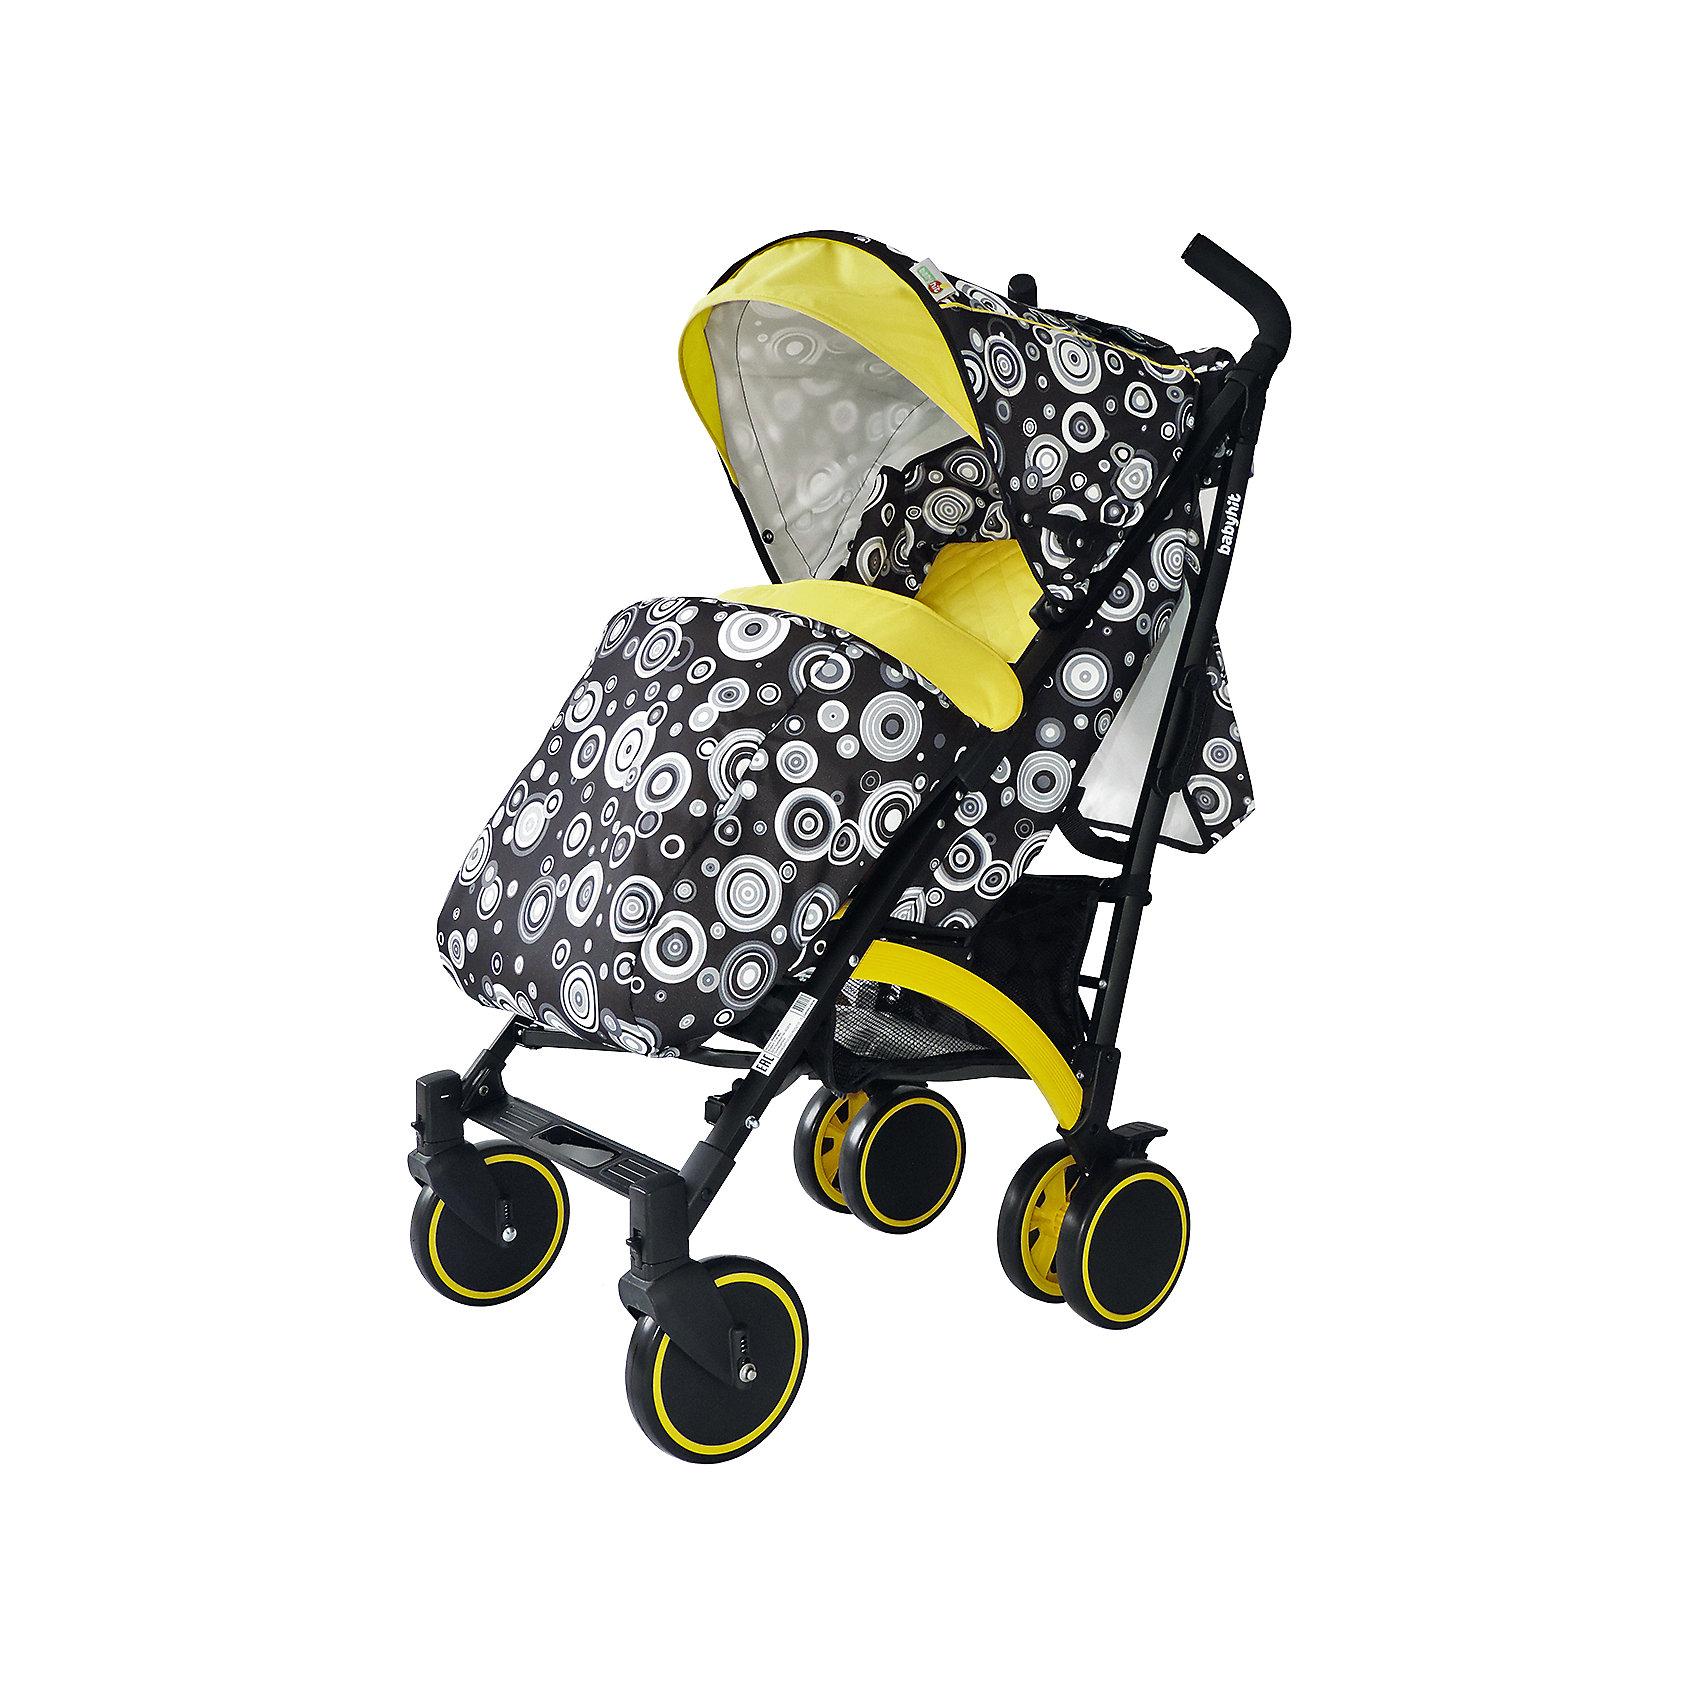 Коляска-трость BabyHit Rainbow CIRCLES, чёрный/желтыйКоляски-трости<br>Rainbow, Baby Hit( бэби хит)  – коляска-трость для детей от 6 месяцев до 3 лет. Для дополнительной безопасности малыша коляска оснащена съемным бампером, 5-точечными ремнями и паховым ремнем. 3 положения спинки и регулируемая подножка помогут вашему ребенку удобно расположиться и отдохнуть. Передние плавающие колеса можно зафиксировать; все колеса амортизированы. Капюшон-батискаф опускается до бампера коляска в случае необходимости. Коляска легко складывается и автоматически блокируется. Для удобства переноса предусмотрена специальная ручка.  Есть корзина для покупок. С этой коляской вам будет очень комфортно гулять с крохой.<br>Особенности и преимущества:<br>-5-точечные ремни и паховый ремень для безопасности ребенка<br>-удобна при переносе в сложенном виде<br>-плавающие колеса можно зафиксировать<br>Размеры: 85x43x108 см<br>Вес: 7,4 кг<br>Дополнительные характеристики:<br>Ширина сиденья: 35 см<br>Длина подножки: 13 см<br>Глубина сиденья: 25 см<br>Размер спального места: 85x35 см<br>Высота спинки: 47 см<br>В комплекте: чехол для ног, дождевик, сумка для мамы, москитная сетка<br>Вы можете приобрести коляску Rainbow в нашем интернет-магазине.<br>ВНИМАНИЕ! Данный артикул имеется в наличии в разных цветовых исполнениях (черный/желтый, розовый, голубой). К сожалению, заранее выбрать определенный цвет не возможно.<br><br>Ширина мм: 260<br>Глубина мм: 250<br>Высота мм: 900<br>Вес г: 8700<br>Возраст от месяцев: 6<br>Возраст до месяцев: 36<br>Пол: Унисекс<br>Возраст: Детский<br>SKU: 4881273